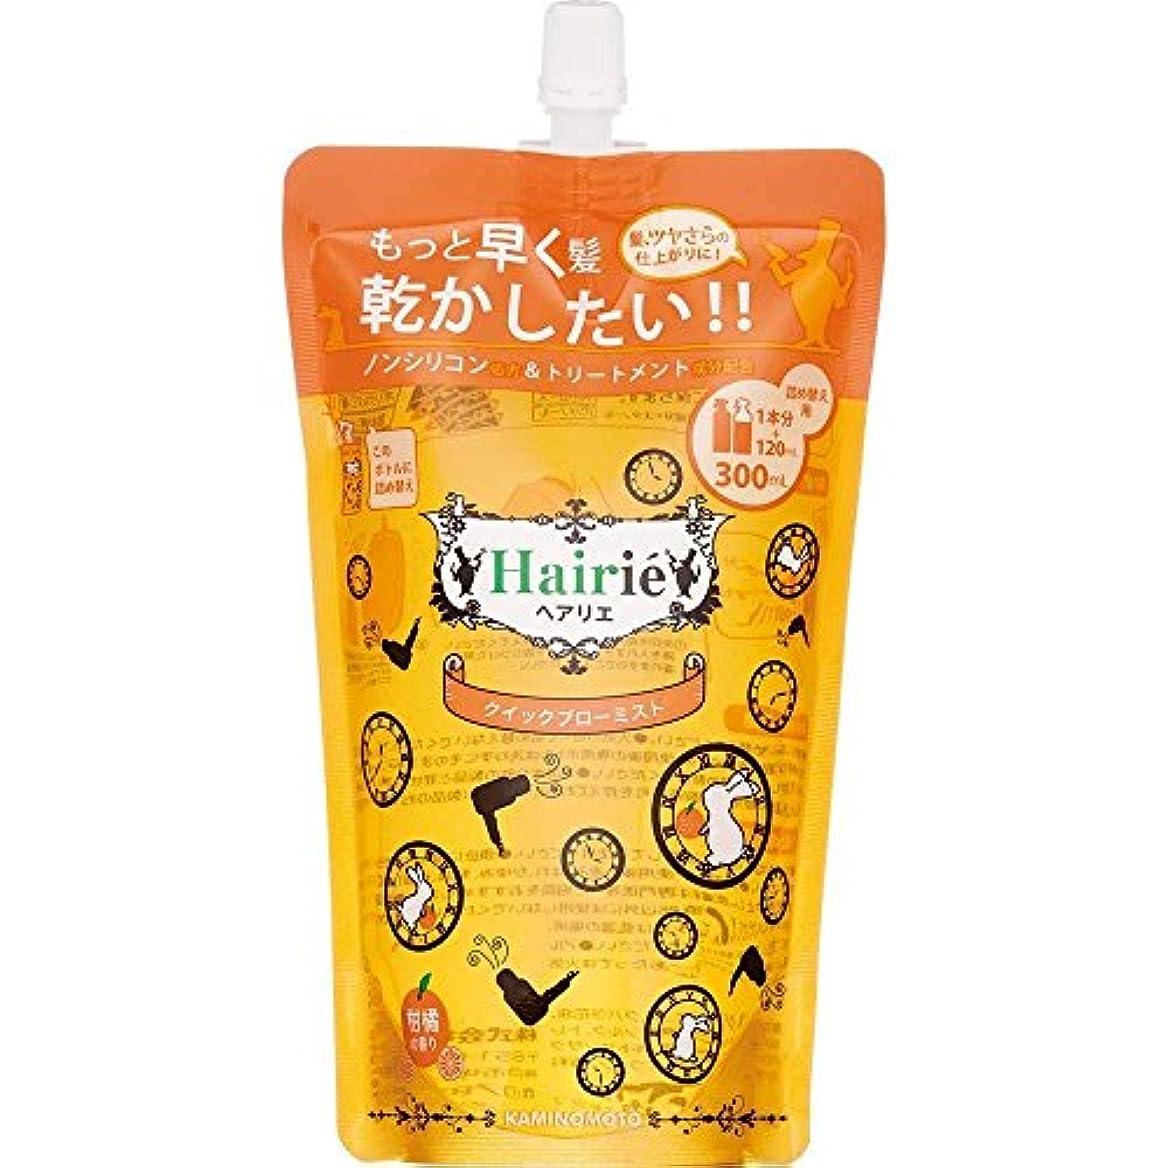 箱関係する差ヘアリエ クイックブローミスト 柑橘の香り 詰め替え 300mL×3個